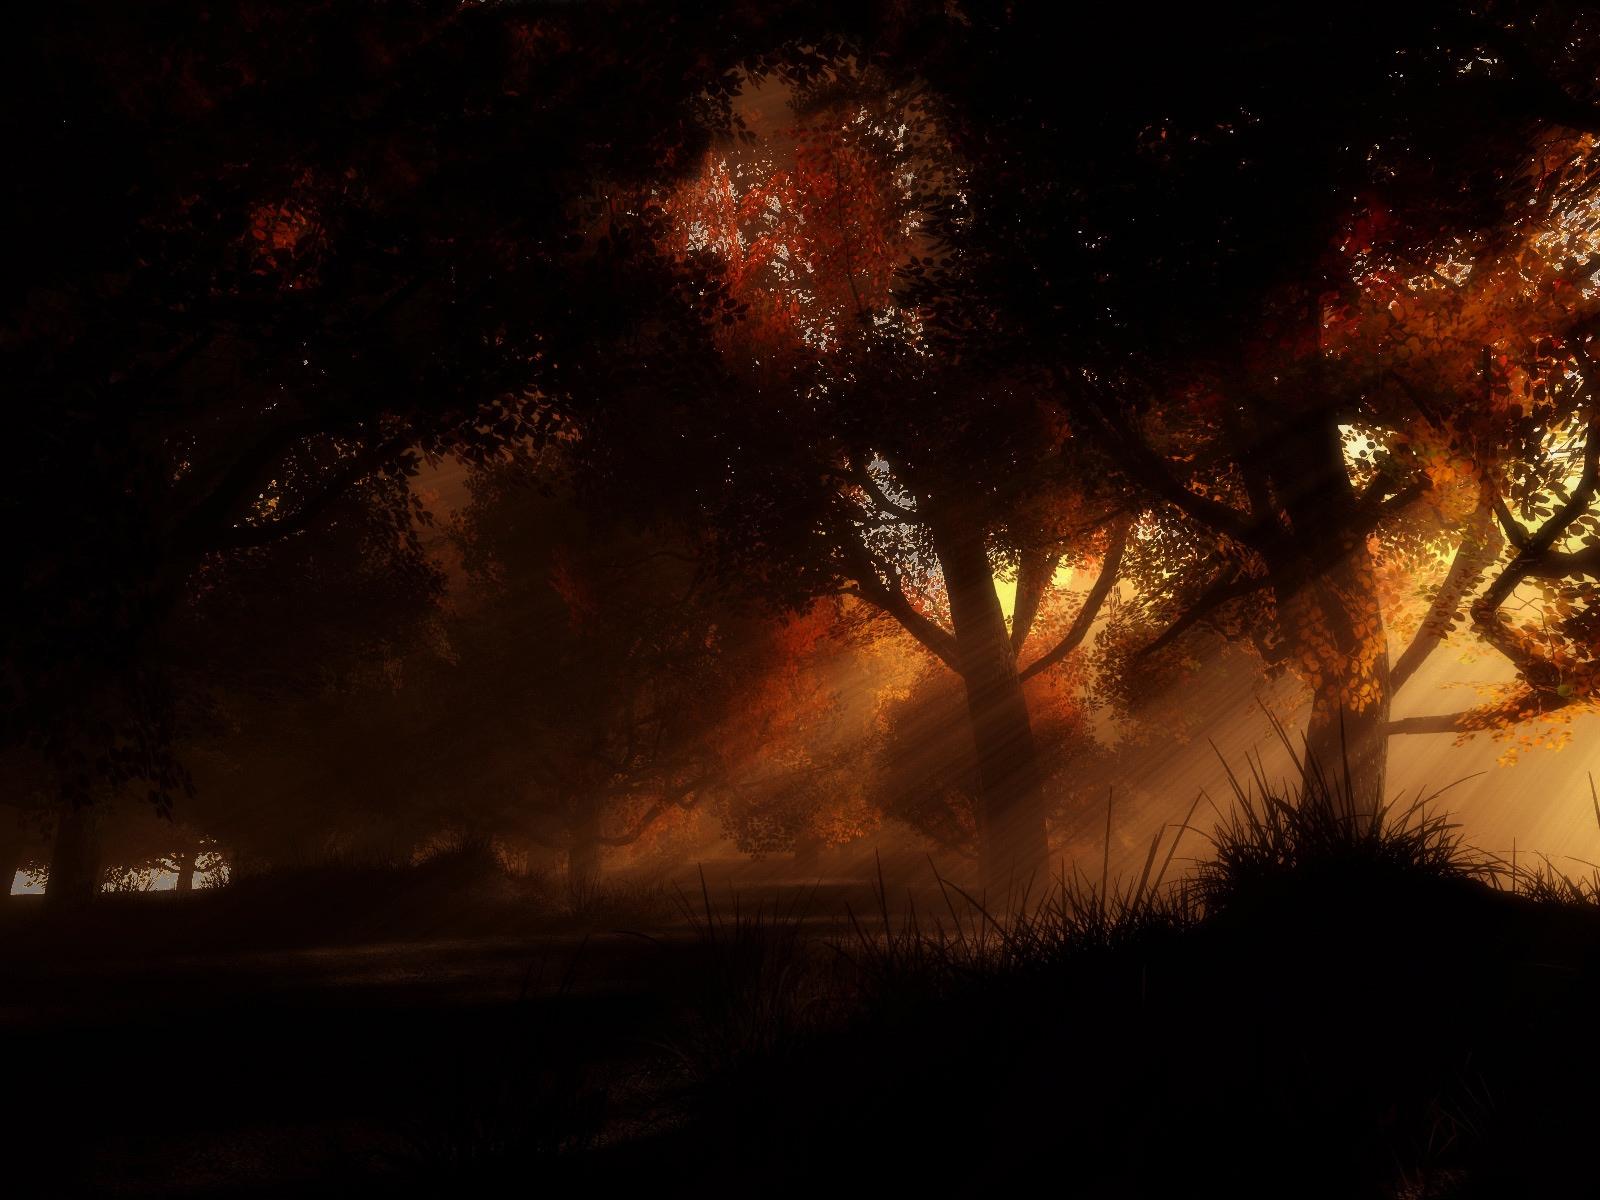 Wallpaper : sunlight, trees, night ...